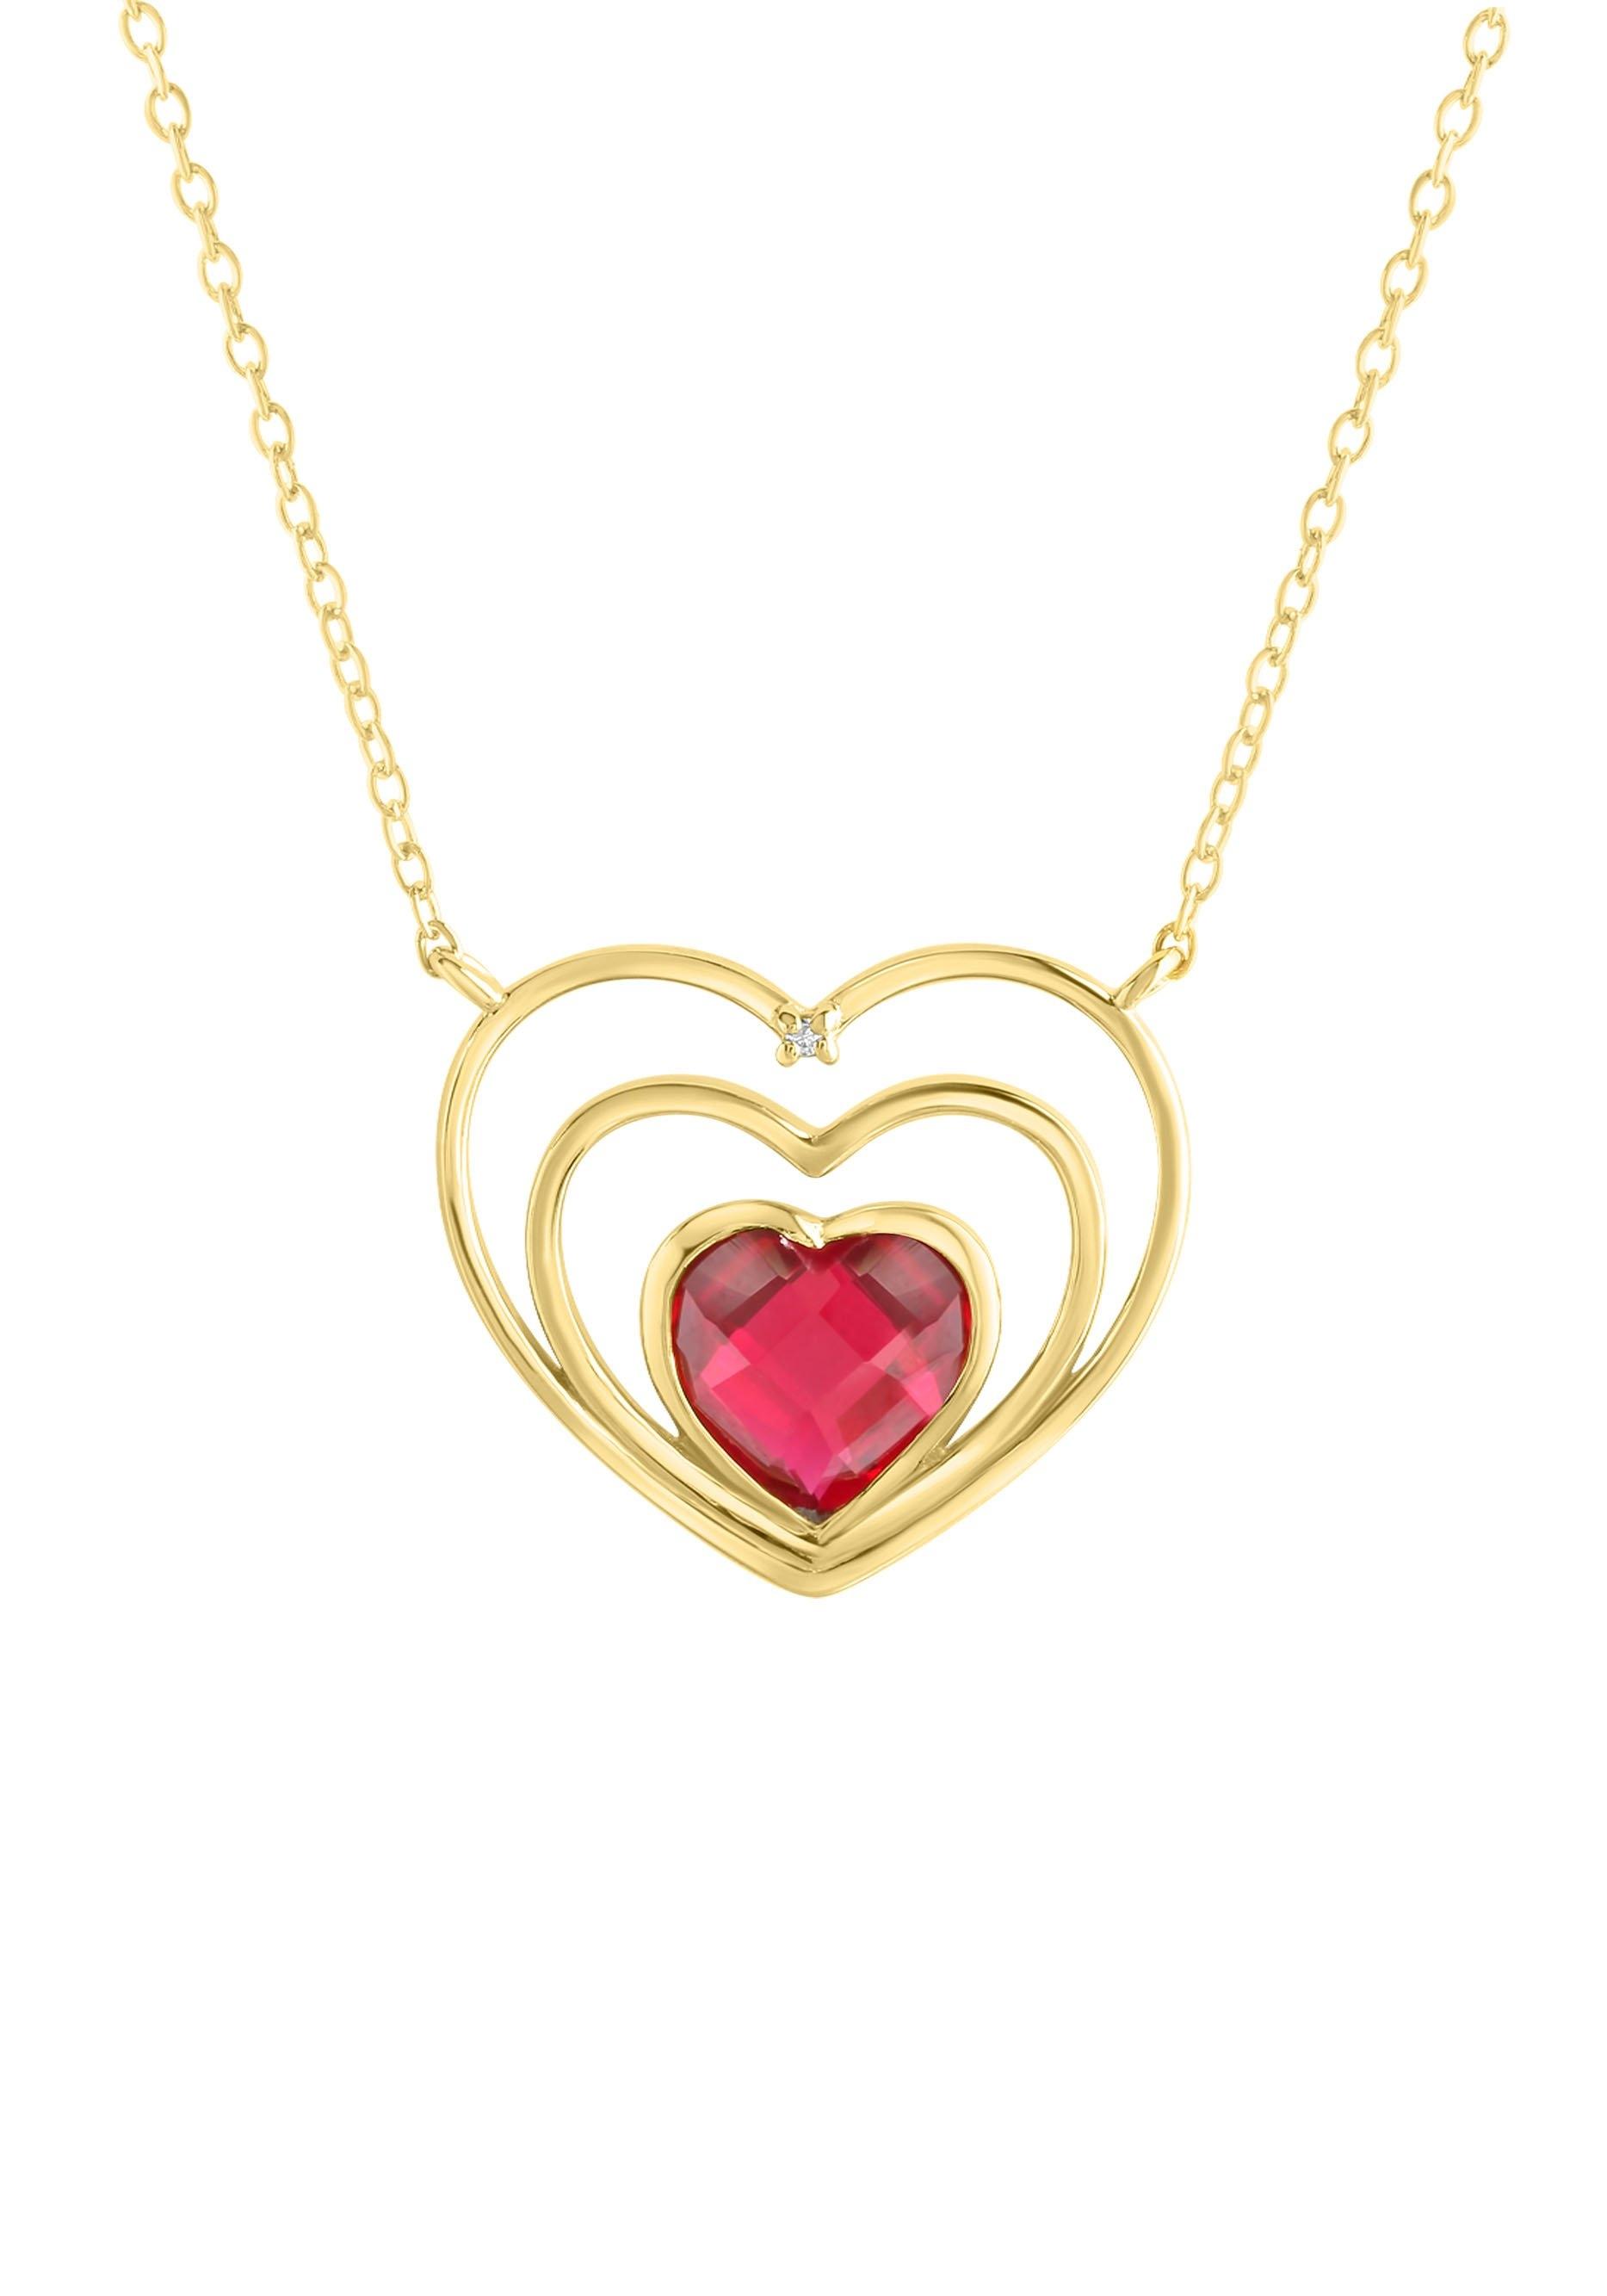 Firetti ketting met hanger Romantisch hart, glanzend en massief met synthetische robijn en zirkoontjes bij OTTO online kopen